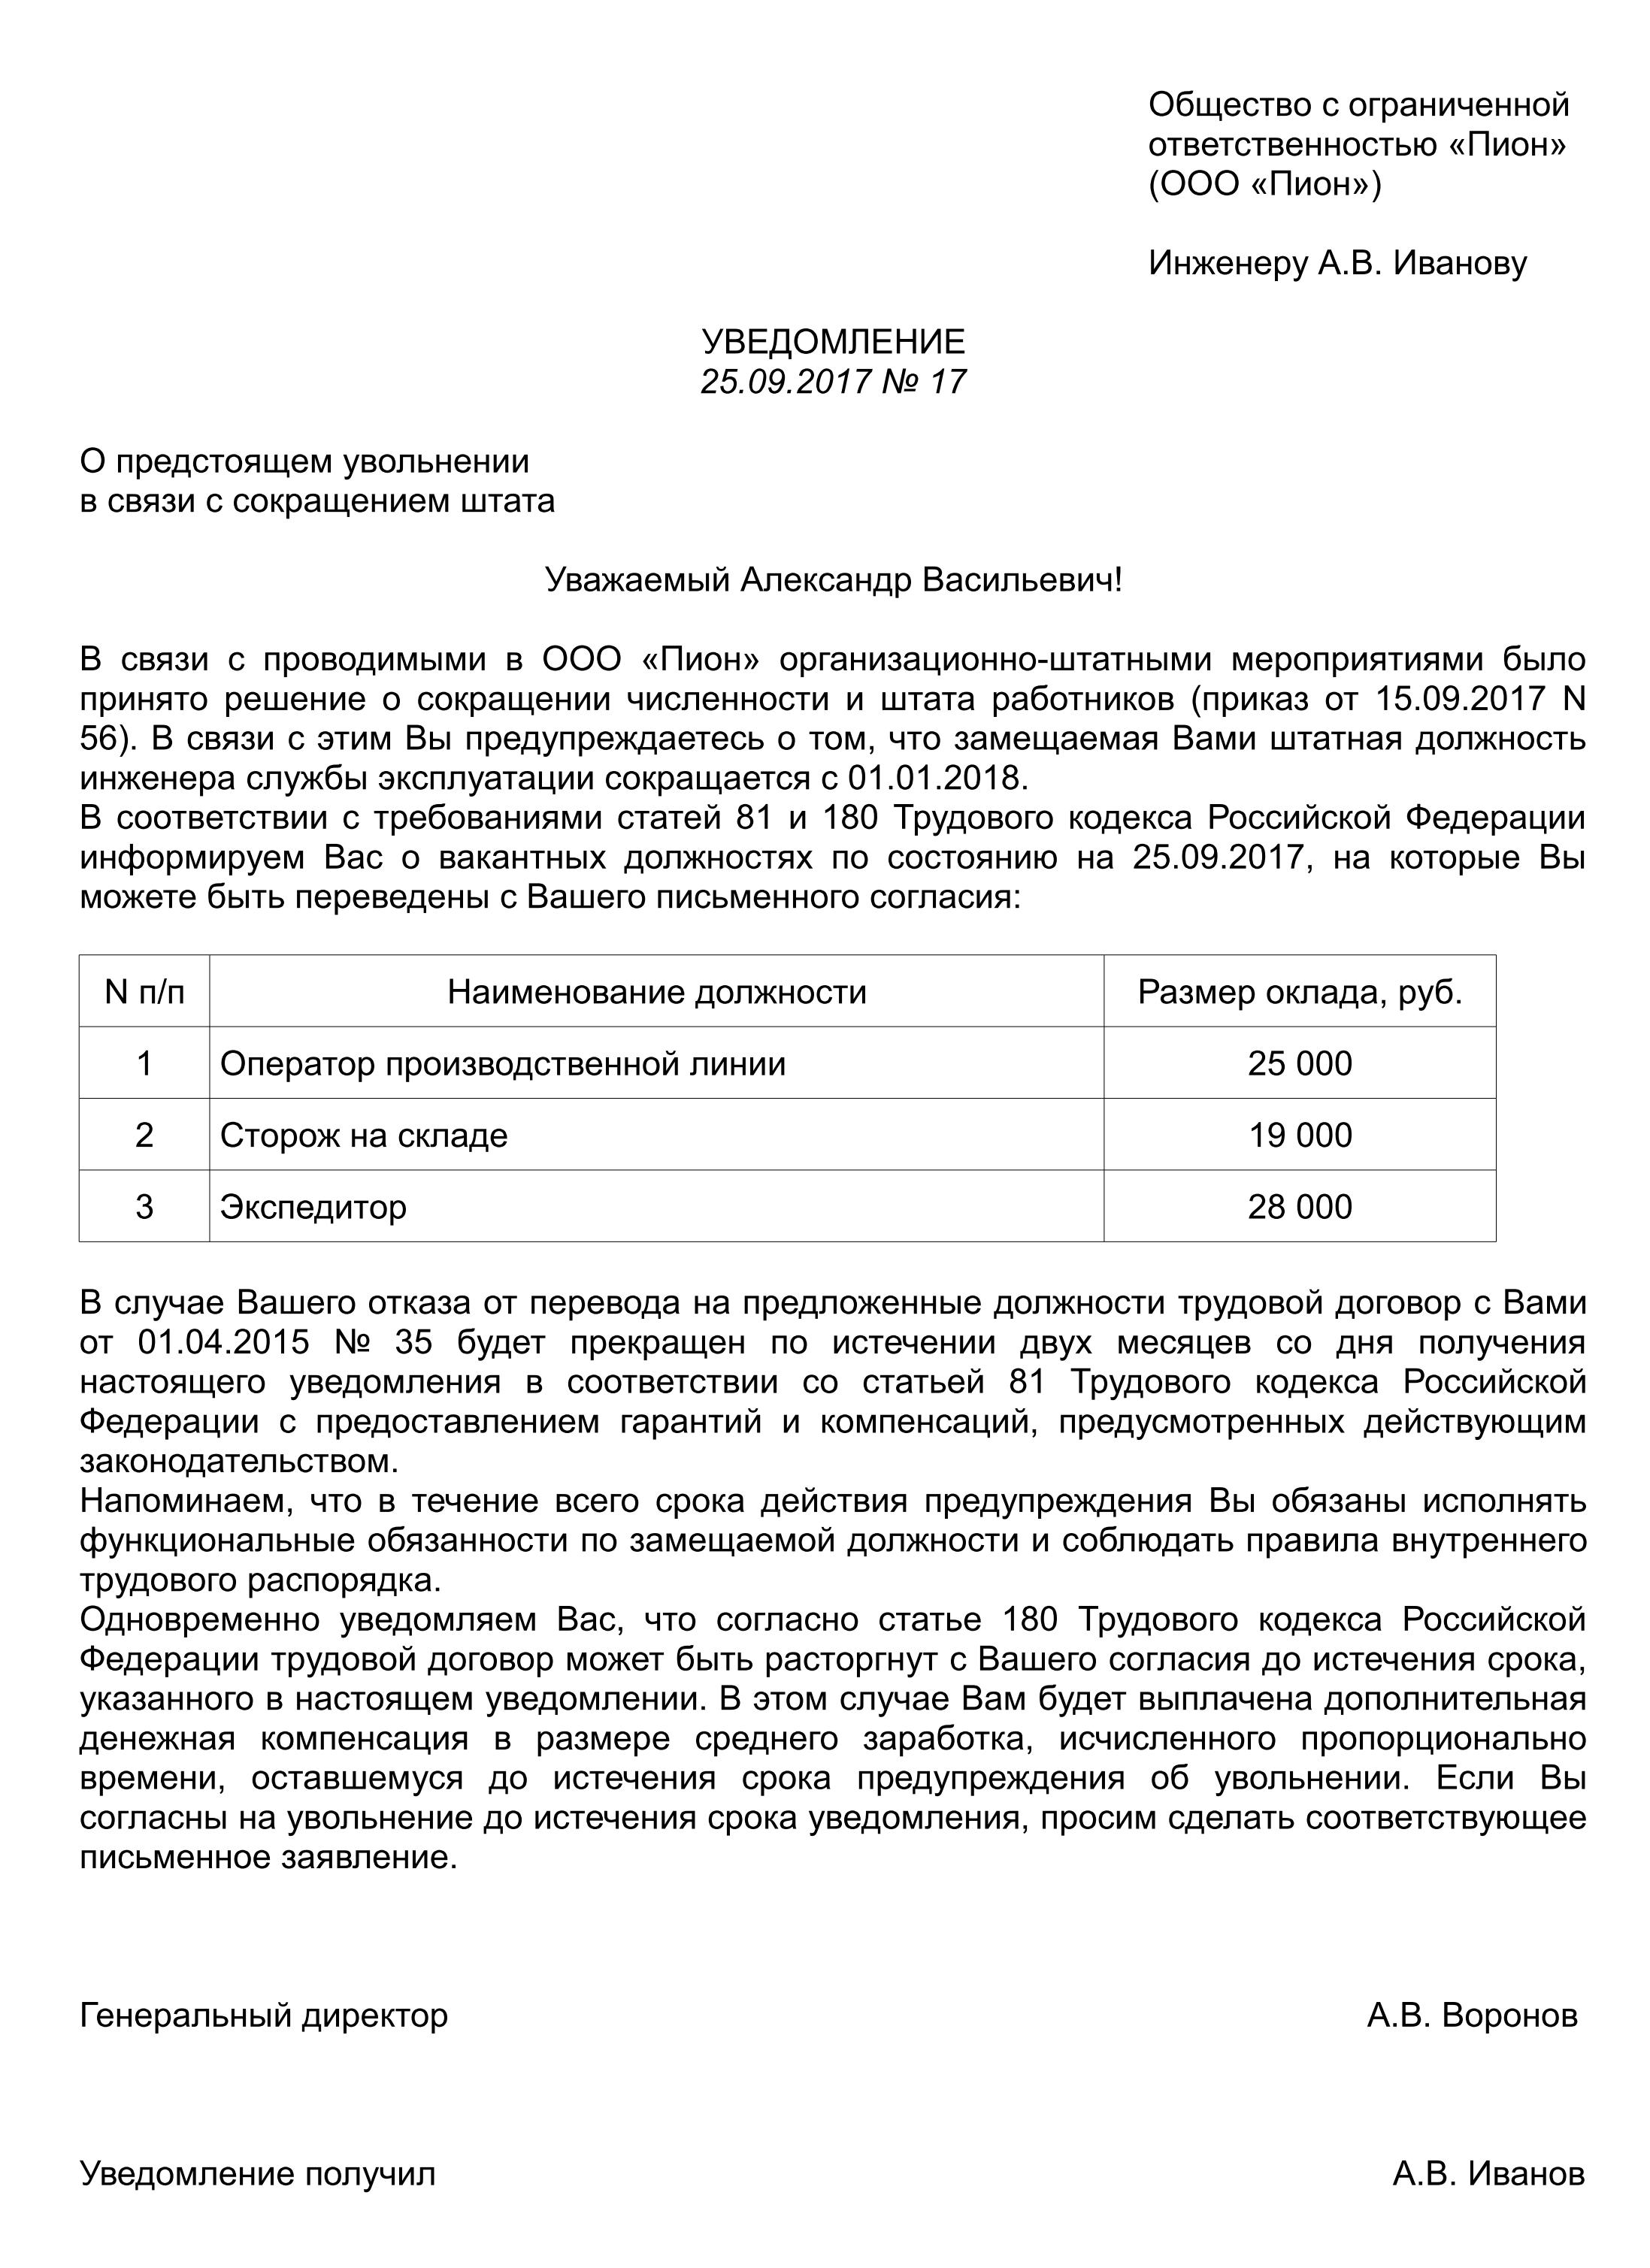 Купить справку 2 ндфл Новохохловская купить трудовой договор Авиационный переулок